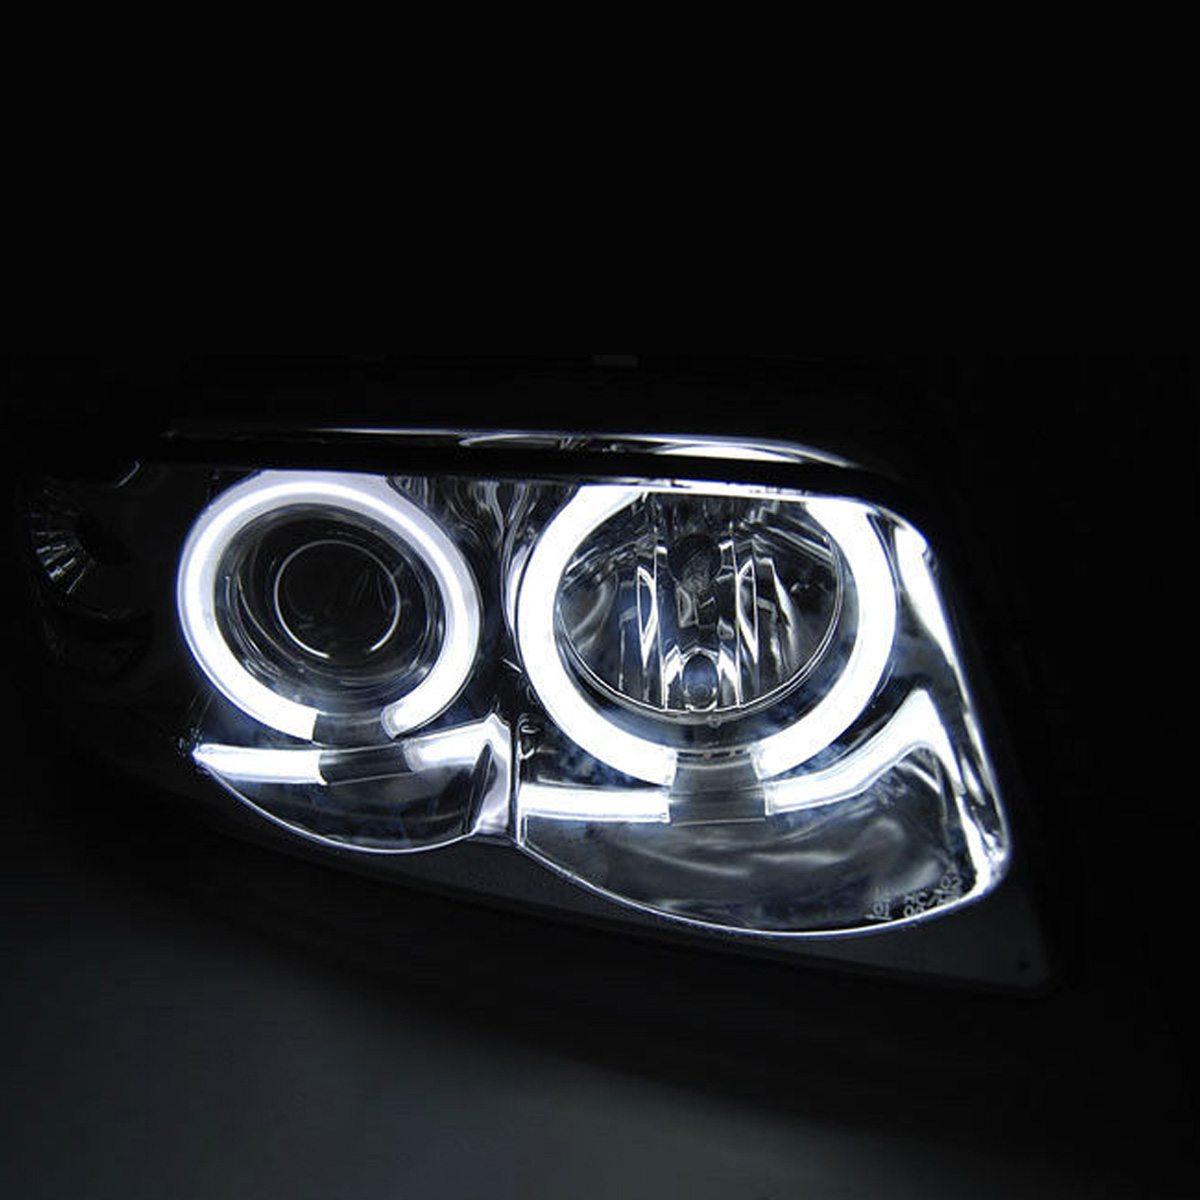 Audi-A4-B5-LimAvant-96-00-Faróis-Angel-Eyes-CCFL-Cromados-1